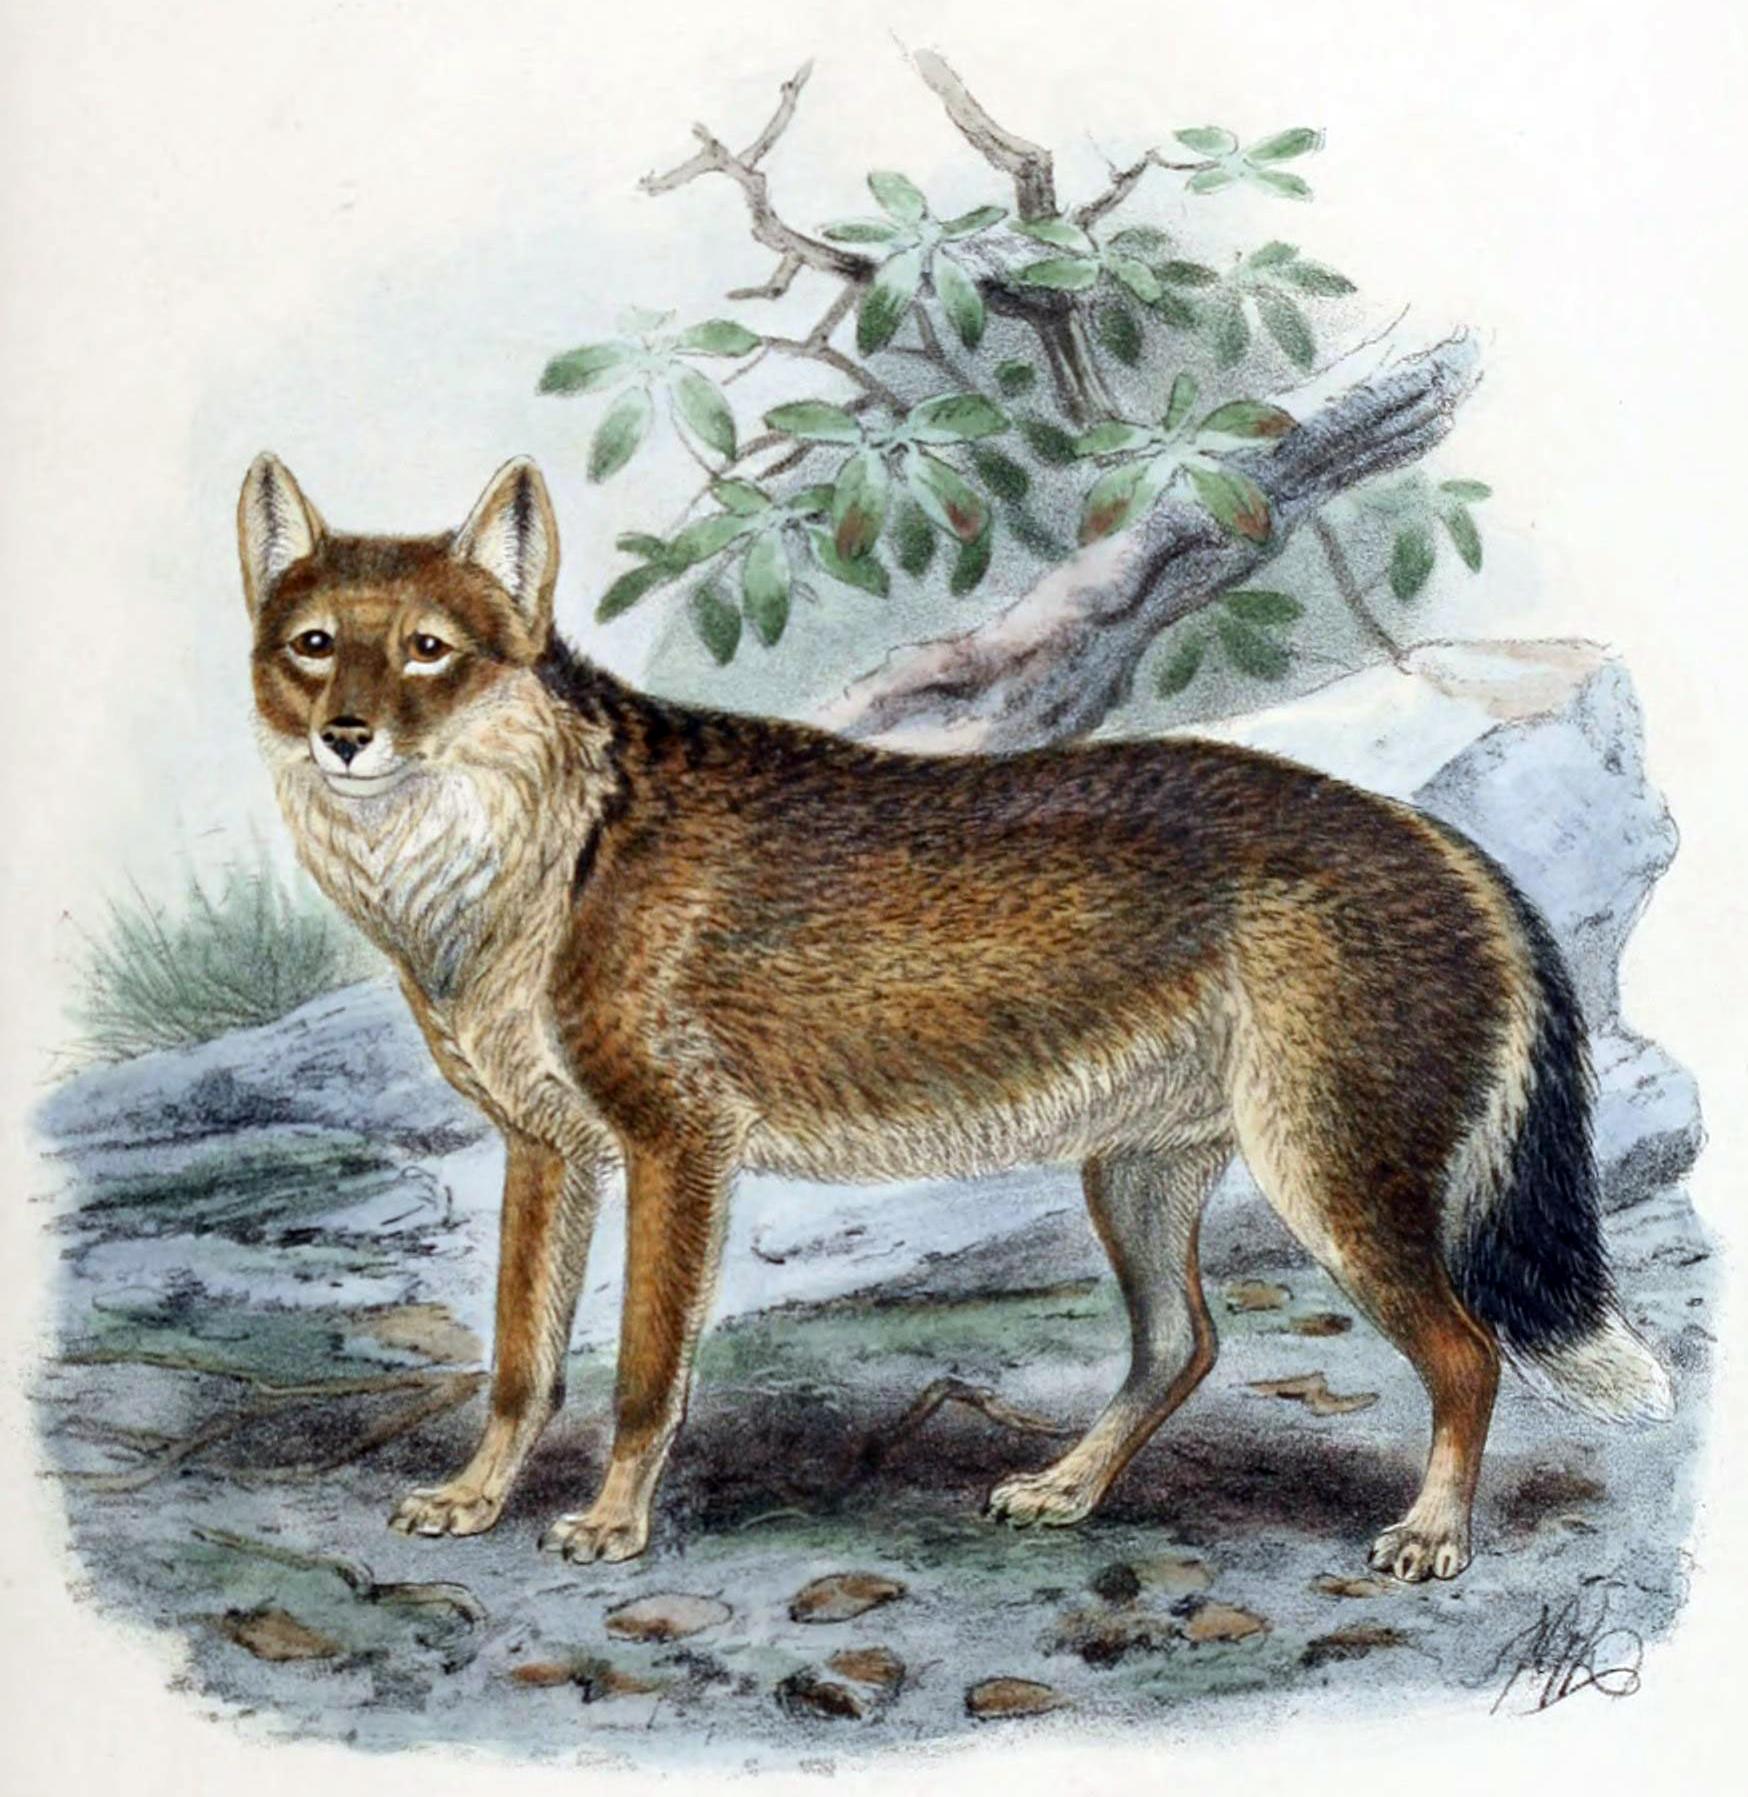 El zorro domésticado de Tierra de Fuego.